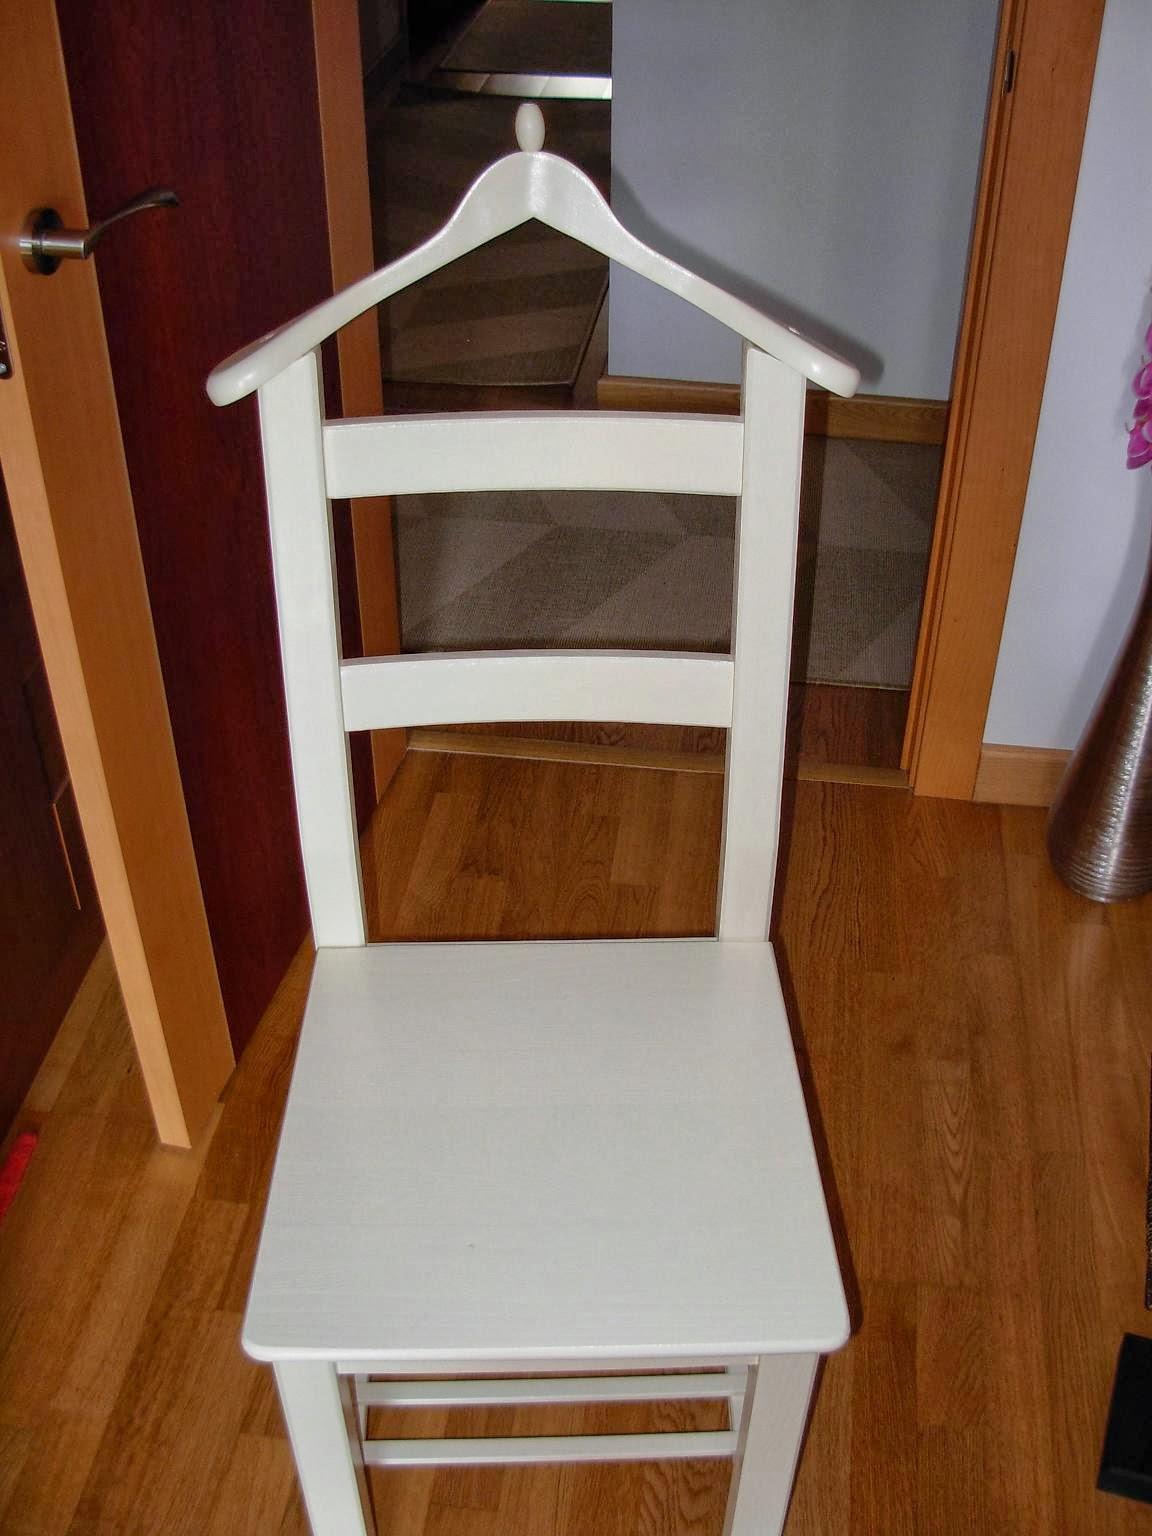 una silla ivar convertida en gal n de noche mi llave allen